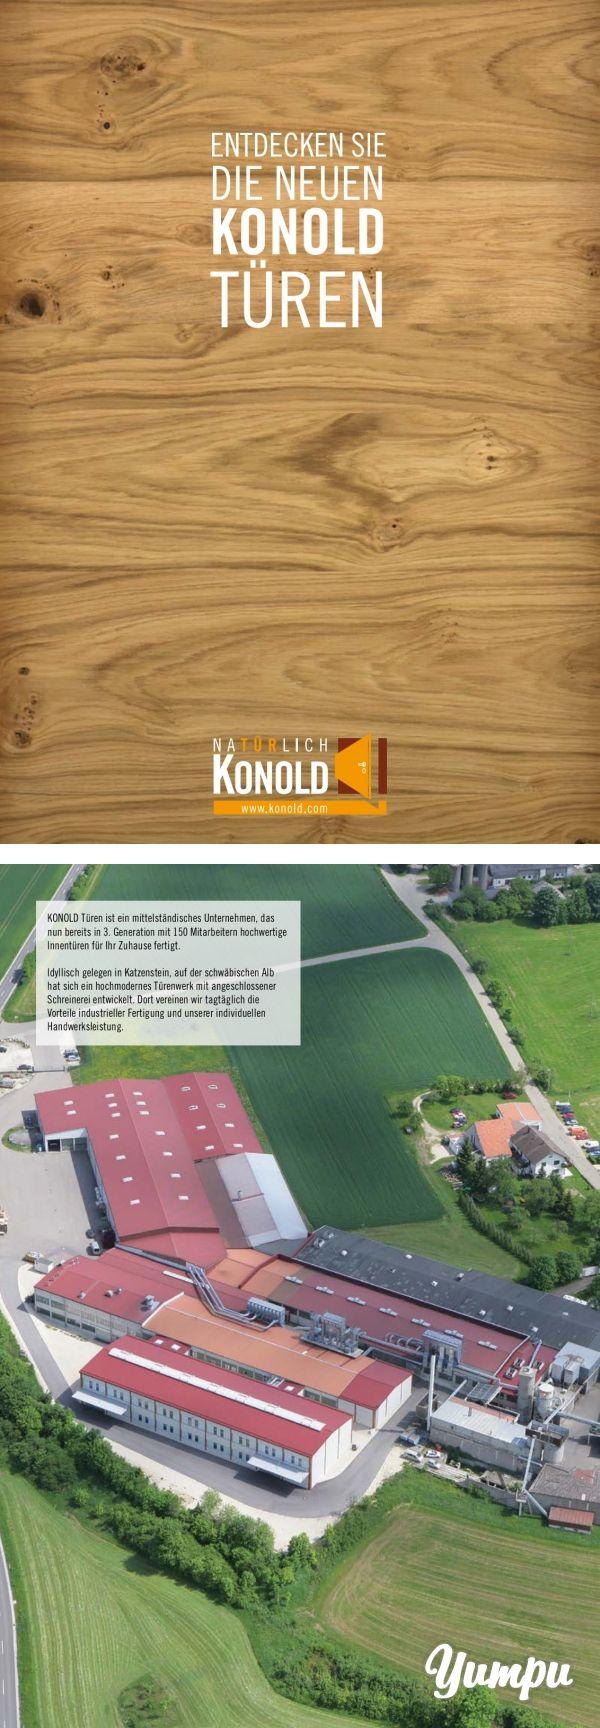 Konold furnierte Türen - Konold hat seine neuen furnierte Zimmertüren toll in Szene gesetzt. Sehenswerte Ausfürhungen und klasse Designs überzeugen bei konstant hoher Qualität. Lassen Sie sich in diesem Magazin von den Neuigkeiten inspirieren.